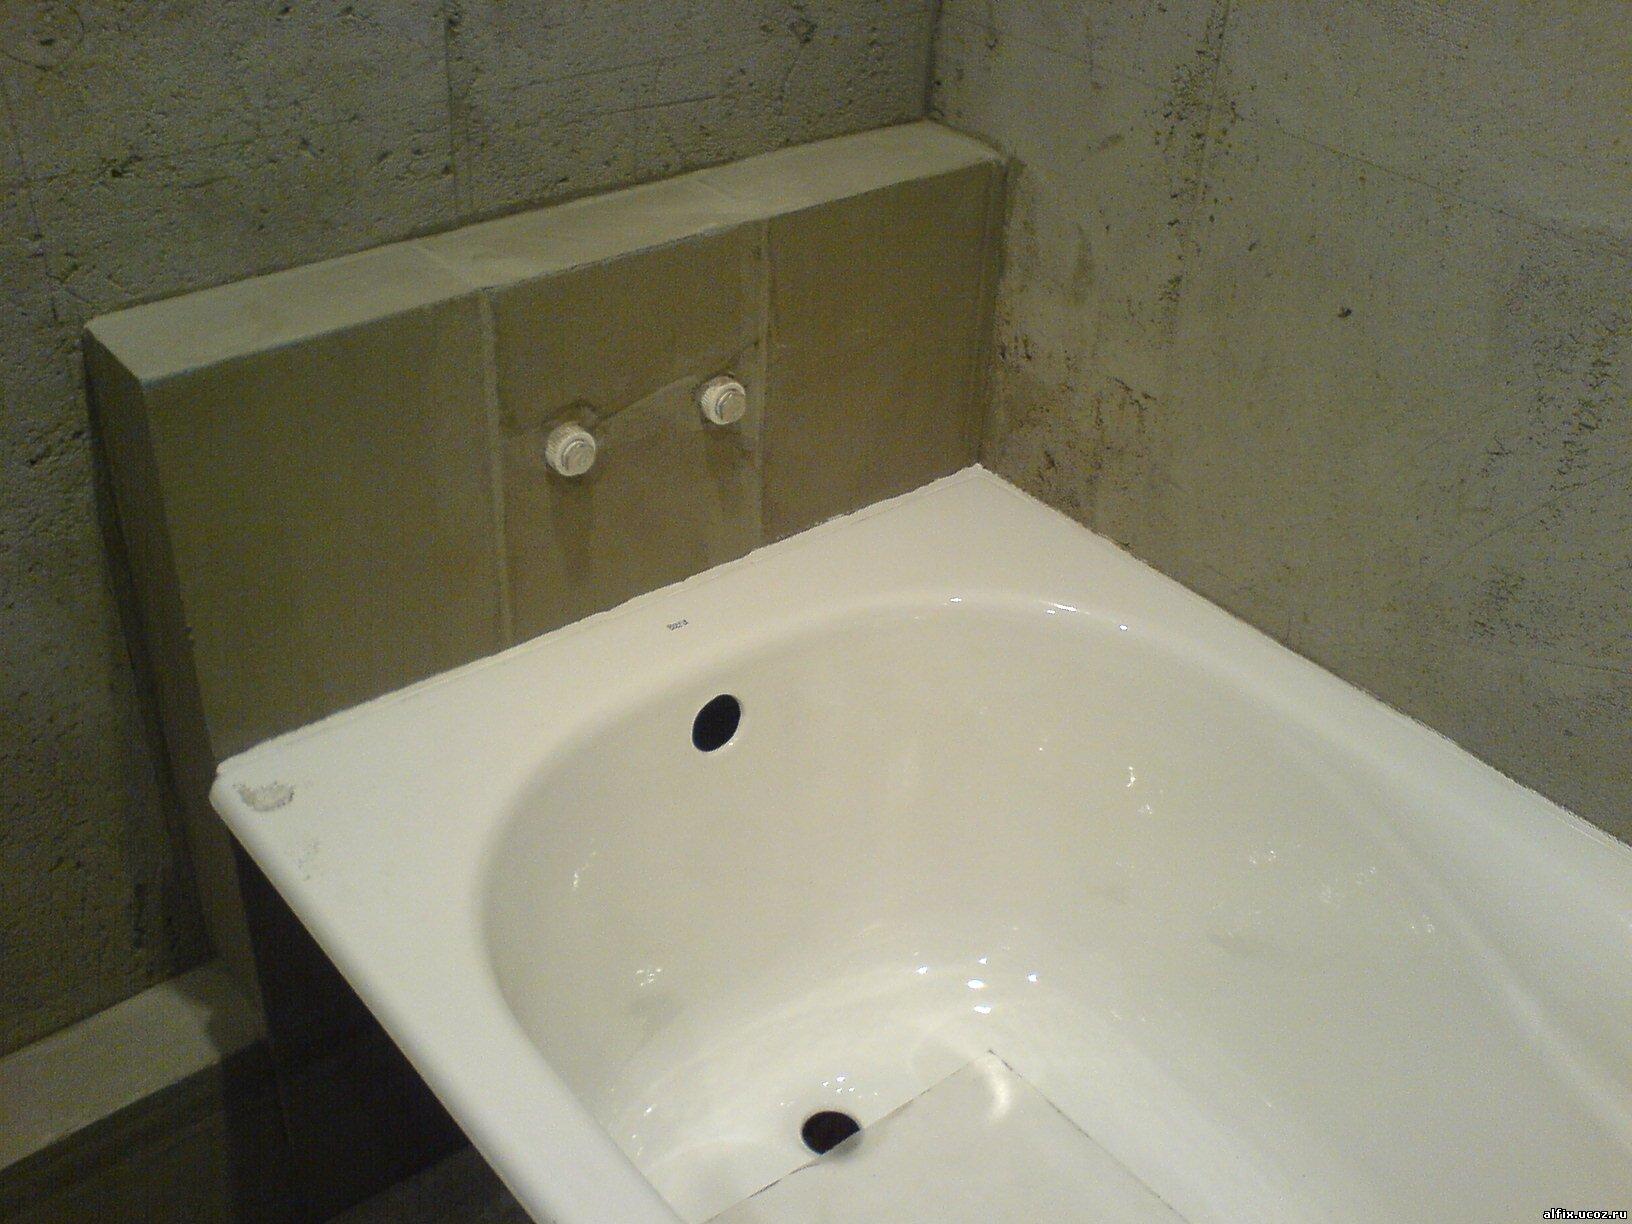 Ремонт ванной комнаты своими руками для начинающих фото